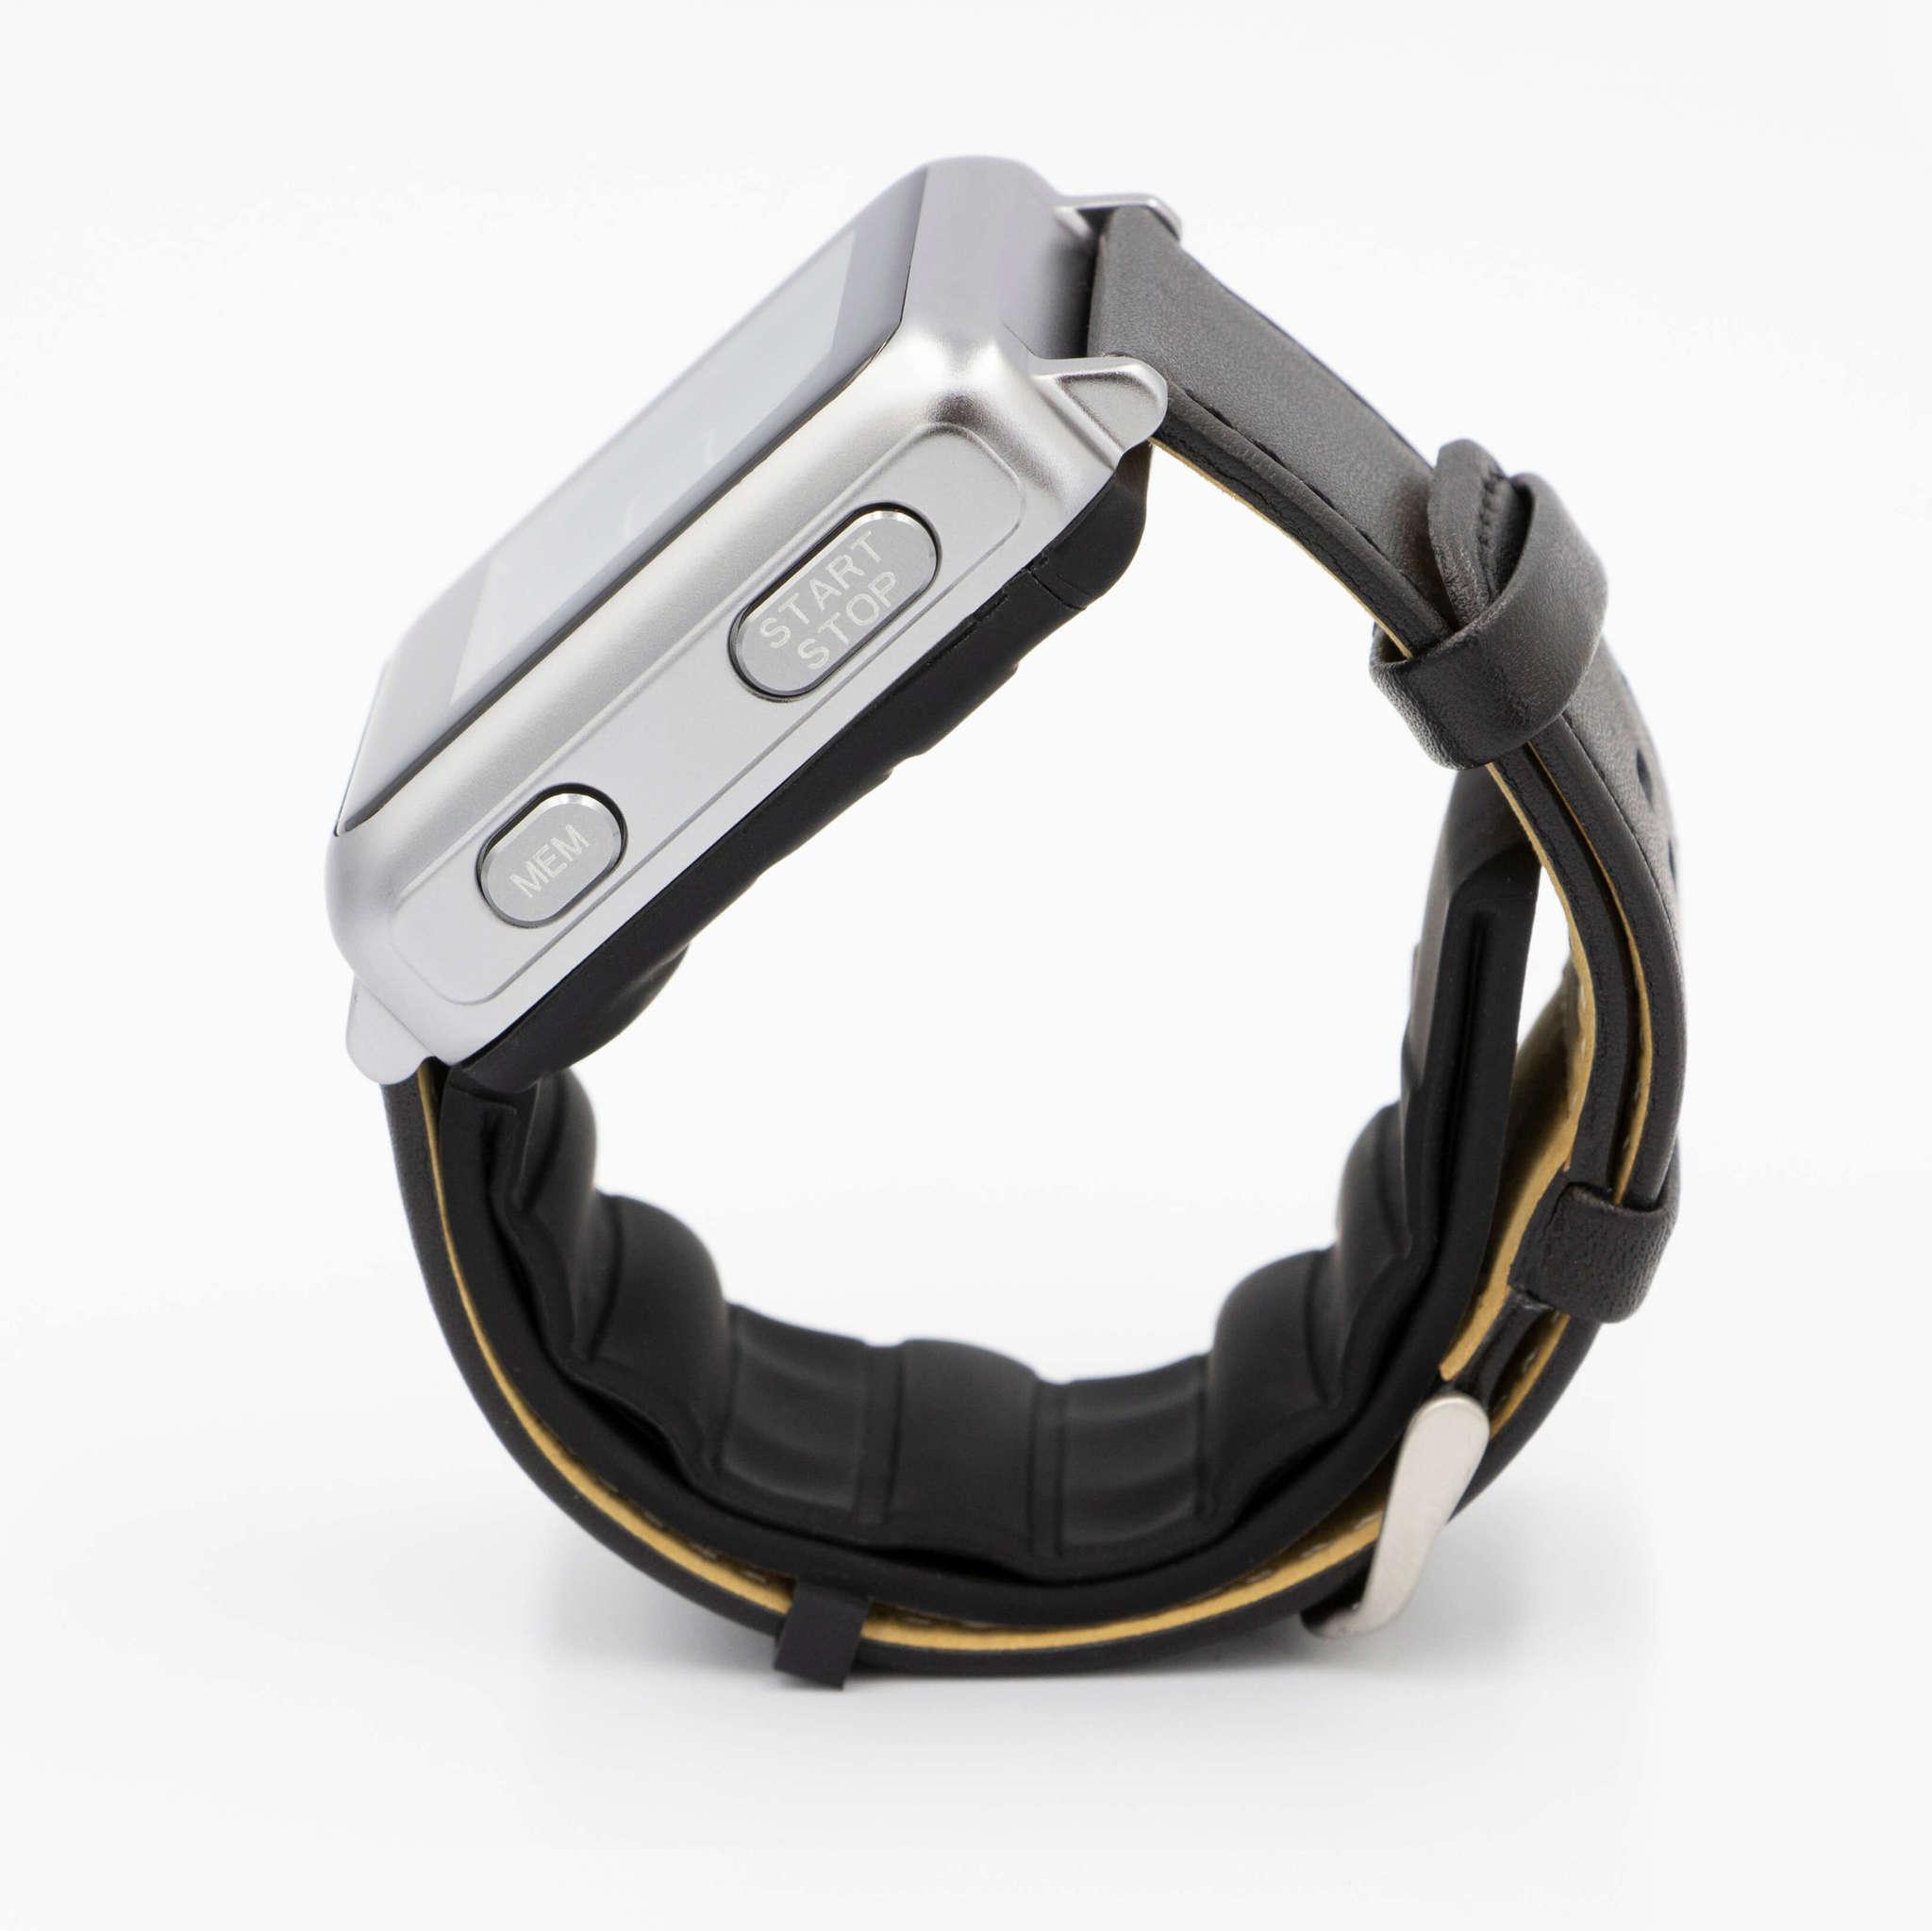 Профессиональные манжетные часы для автоматического измерения давления и пульса осциллометрическим методом Biomer Pro W1 (серо-черный)